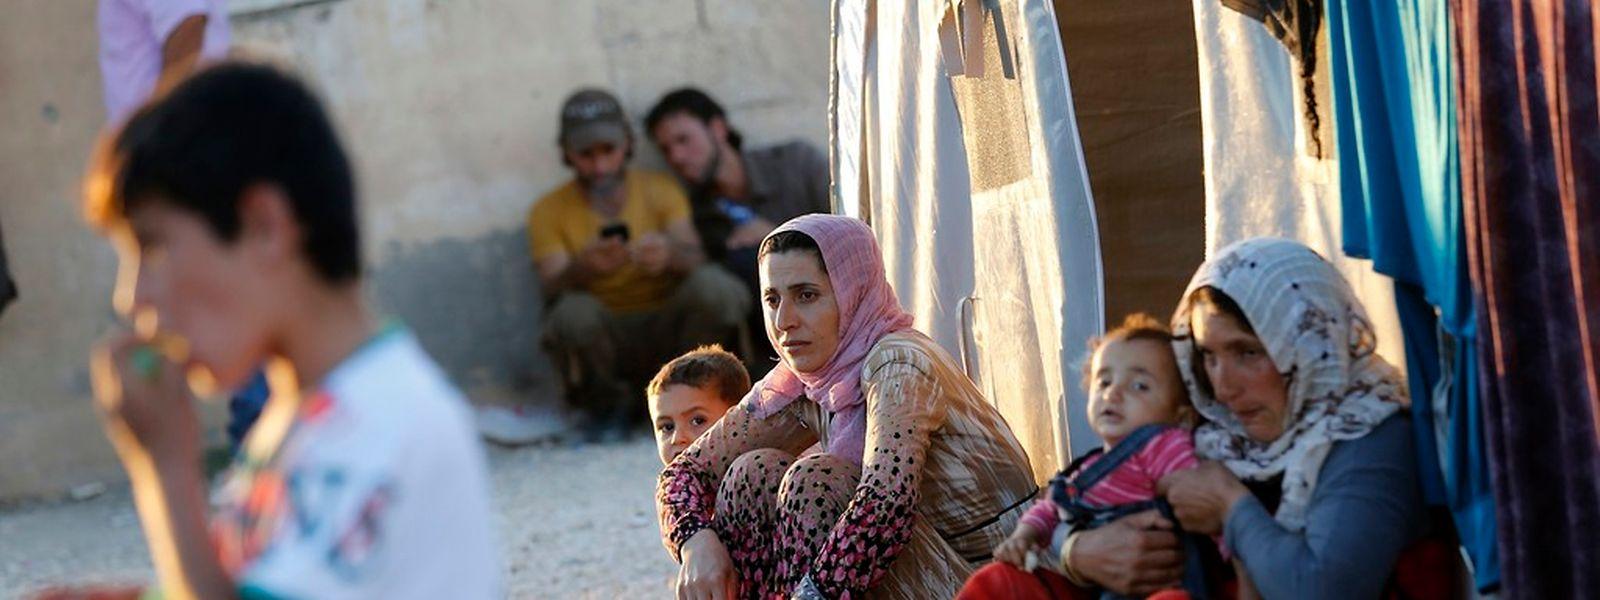 Mehr als 10 Millionen Syrier haben seit Beginn des Bürgerkriegs ihr Land verlassen oder sind Binnenvertriebene.